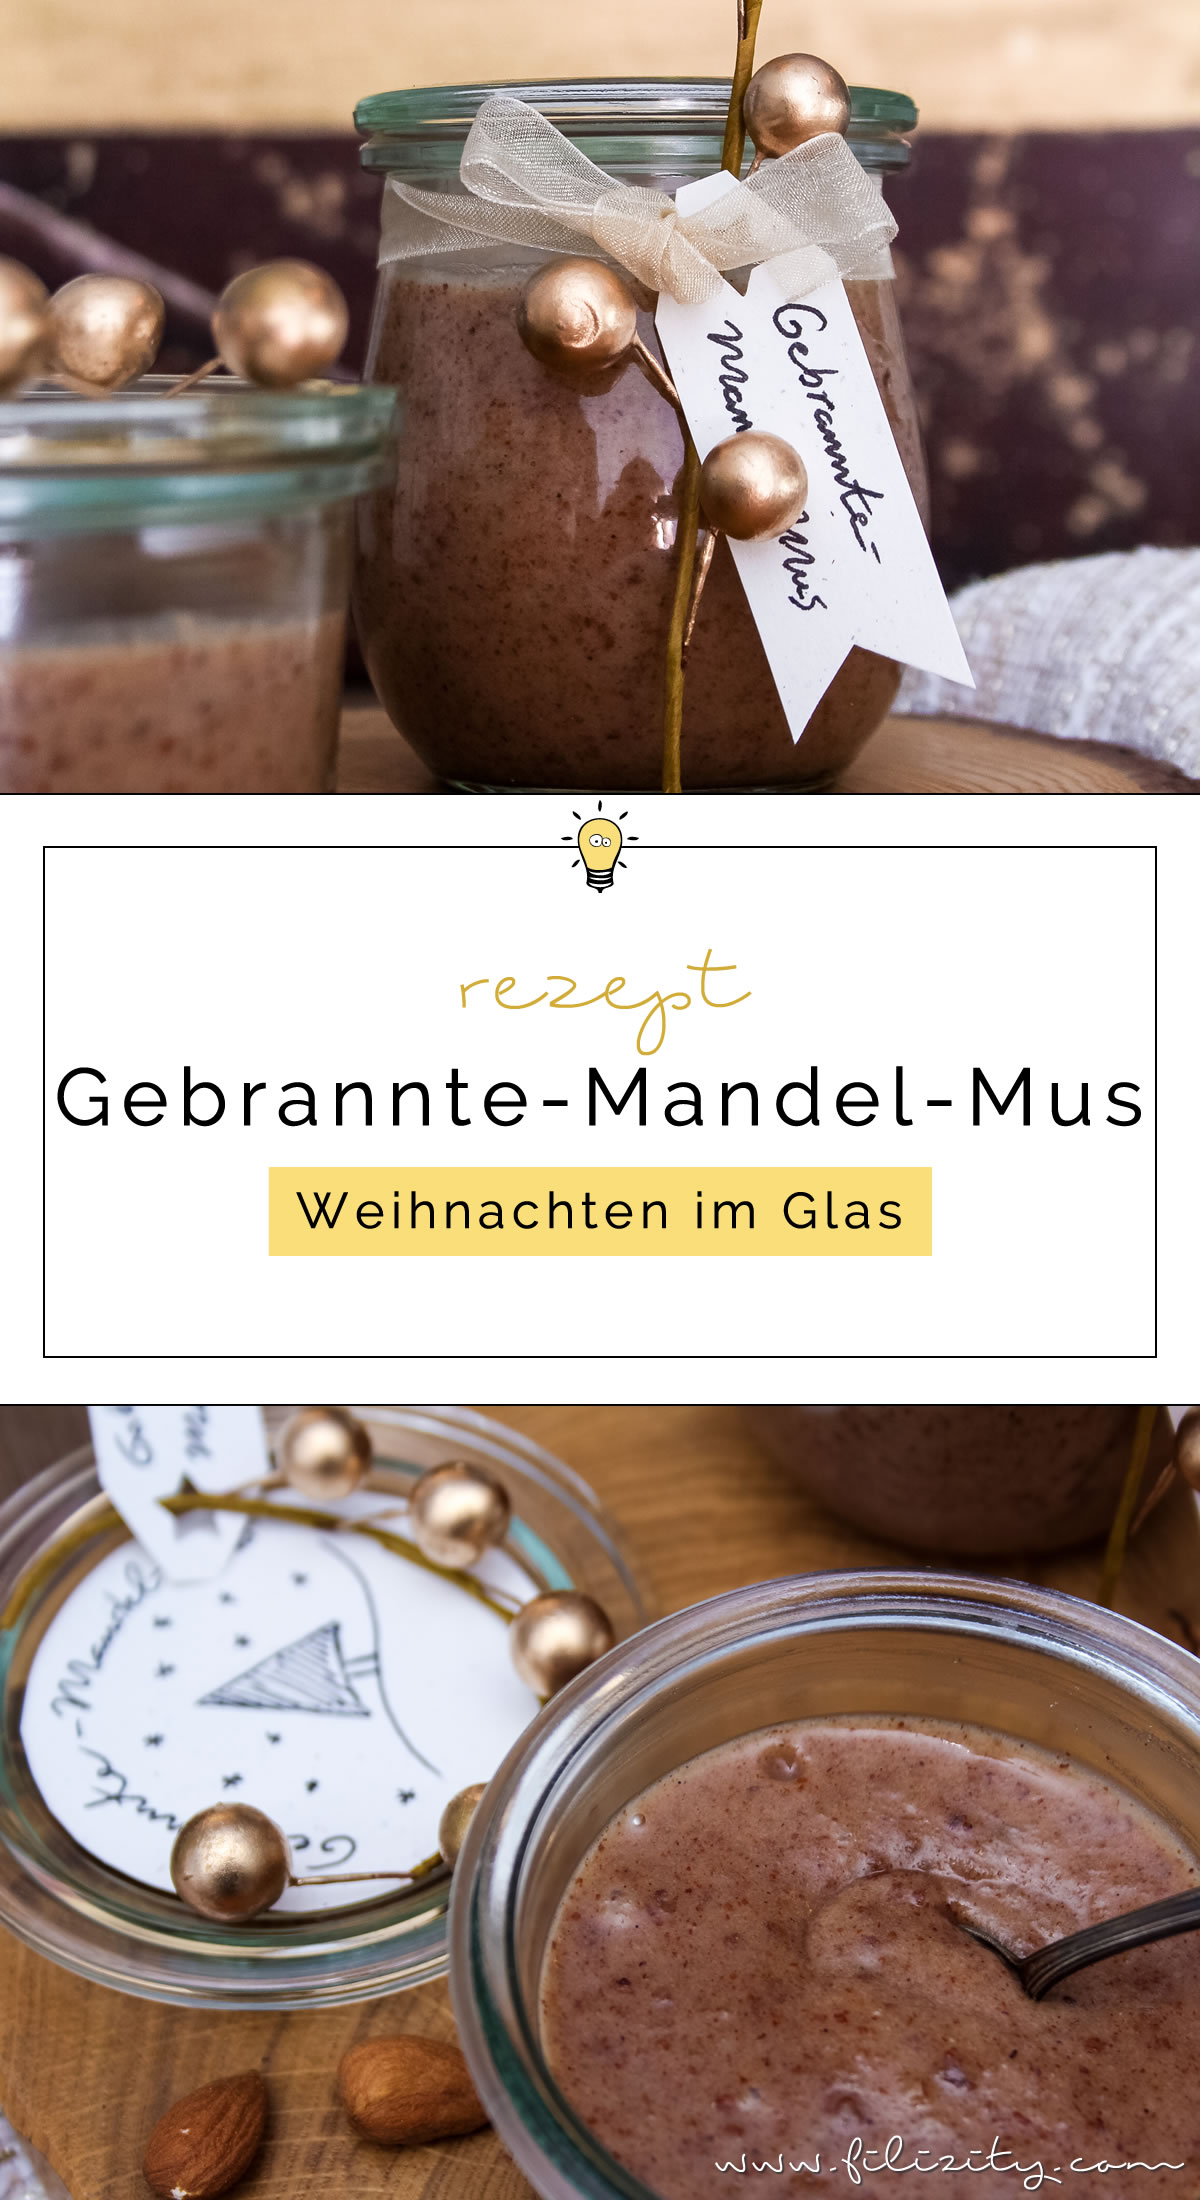 Veganes Rezept: Gebrannte-Mandel-Mus - Weihnachten im Glas | Filizity.com | Food-Blog aus Koblenz #weihnachten #advent